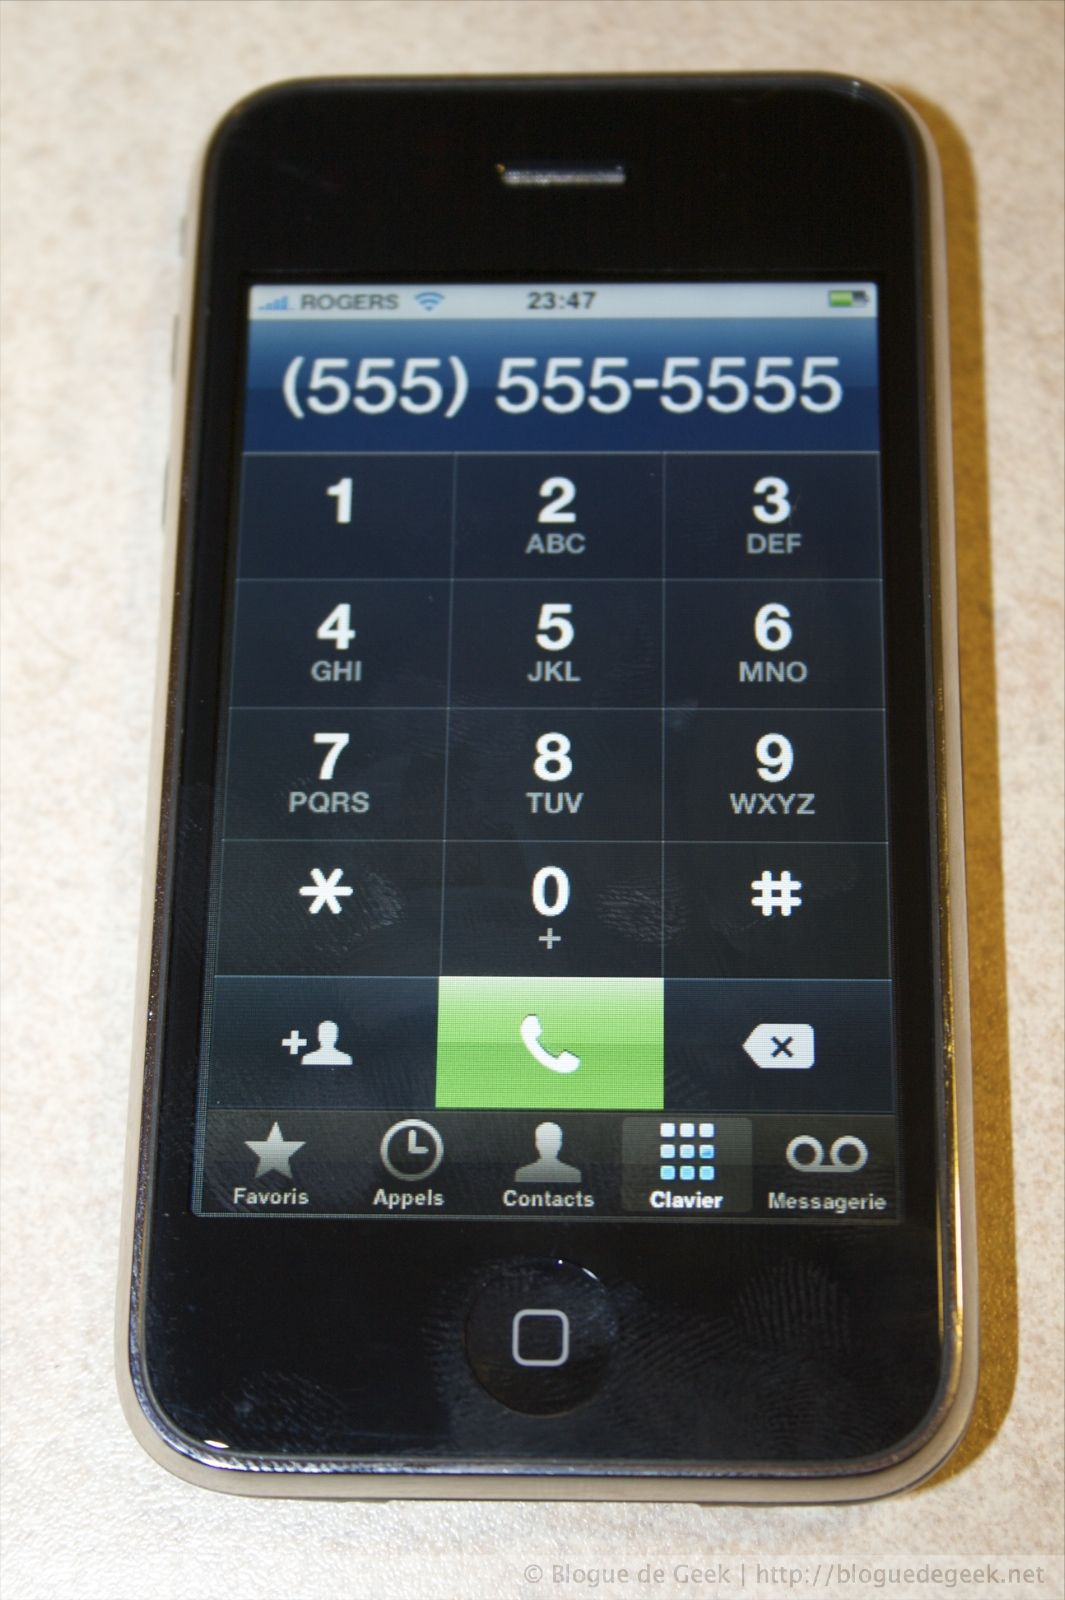 img 263212 - iPhone 3G avec Rogers au Canada [Évaluation]